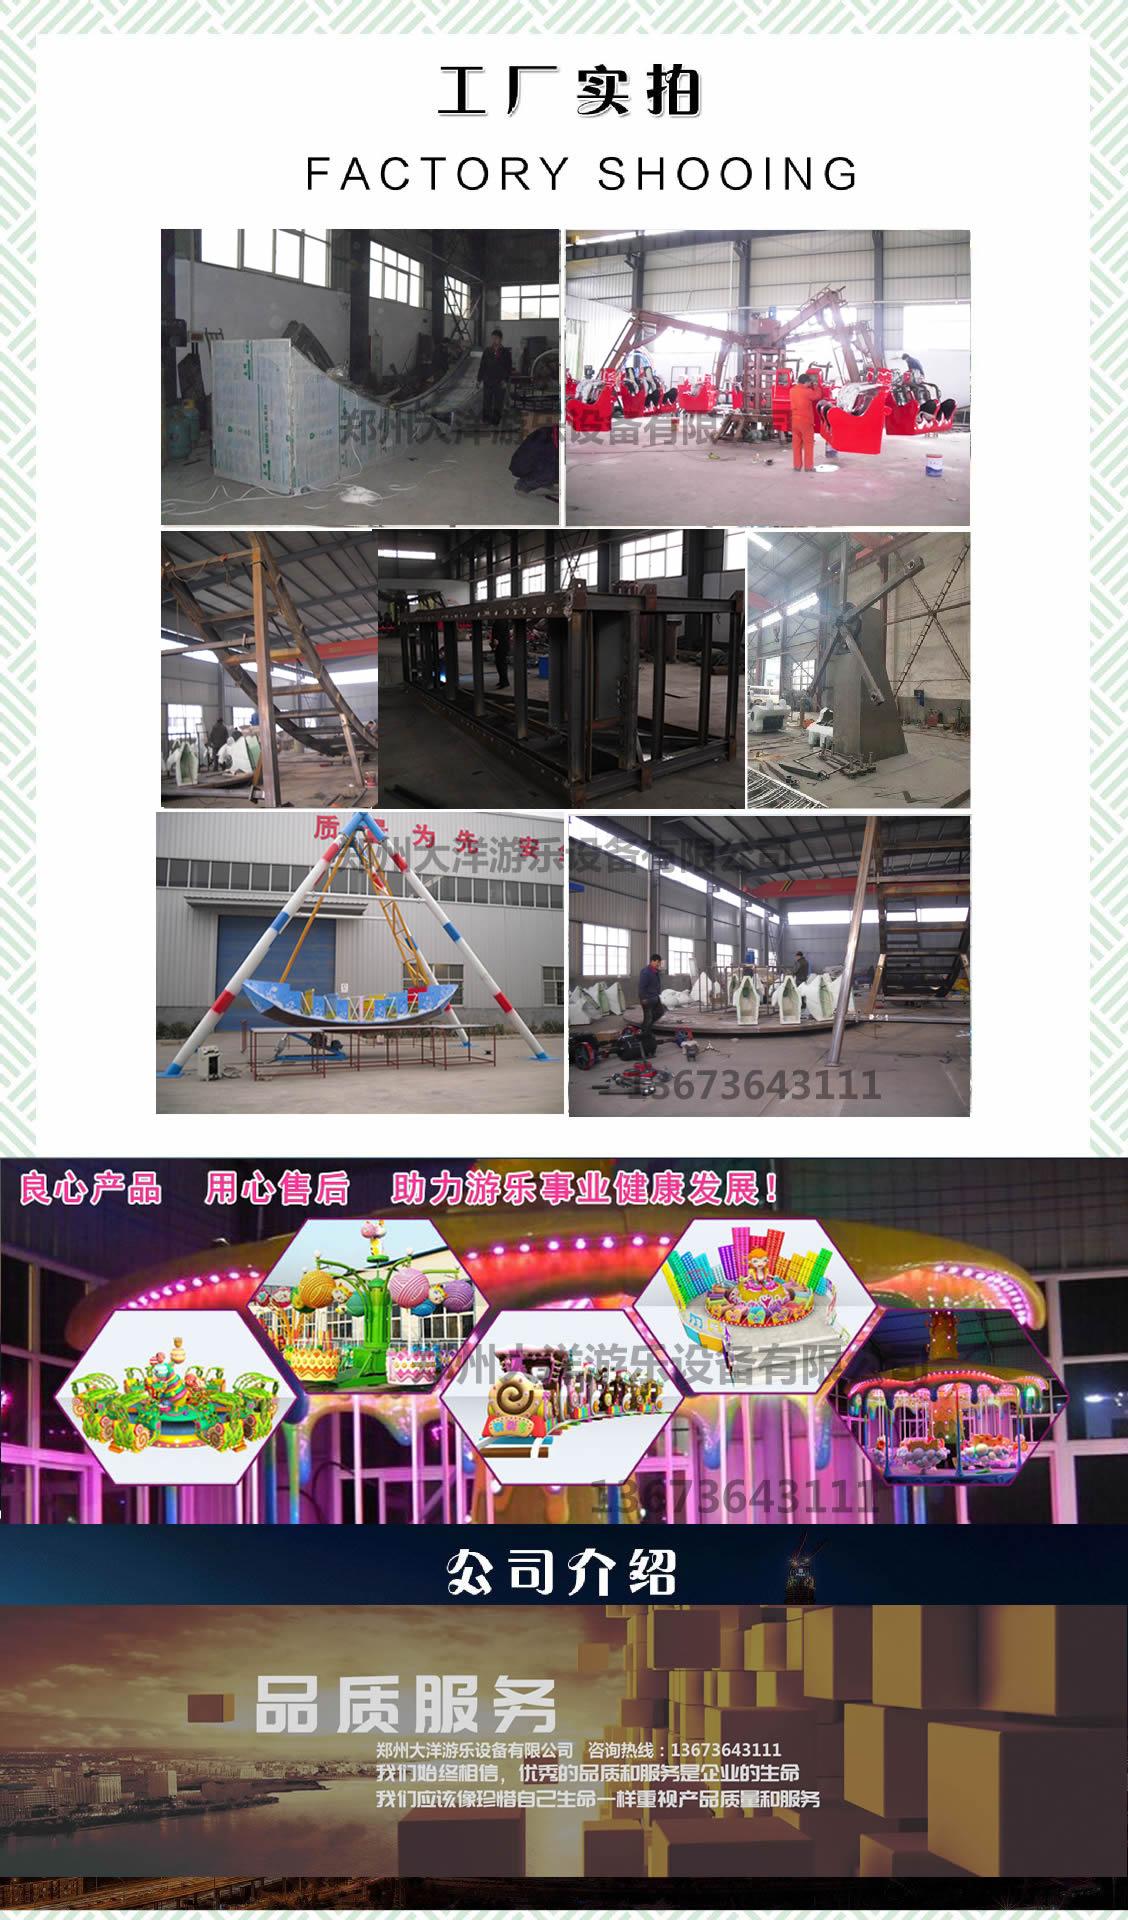 2013-2020都流行 新款 游乐 欢乐袋鼠 郑州大洋好玩的 欢乐袋鼠项目 袋鼠跳 厂家游乐设施示例图21